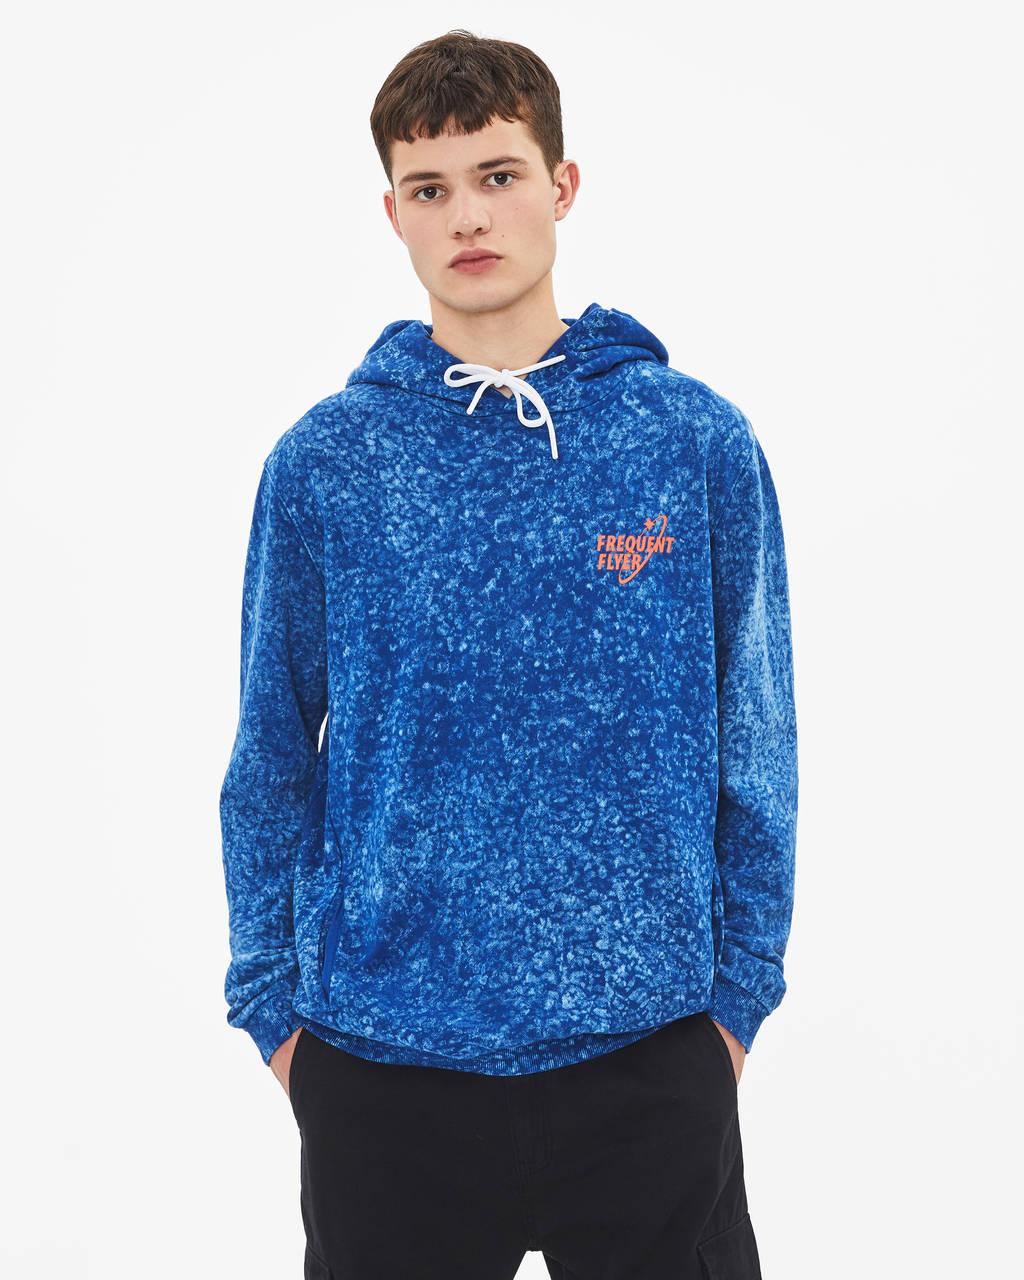 Acid wash sweatshirt